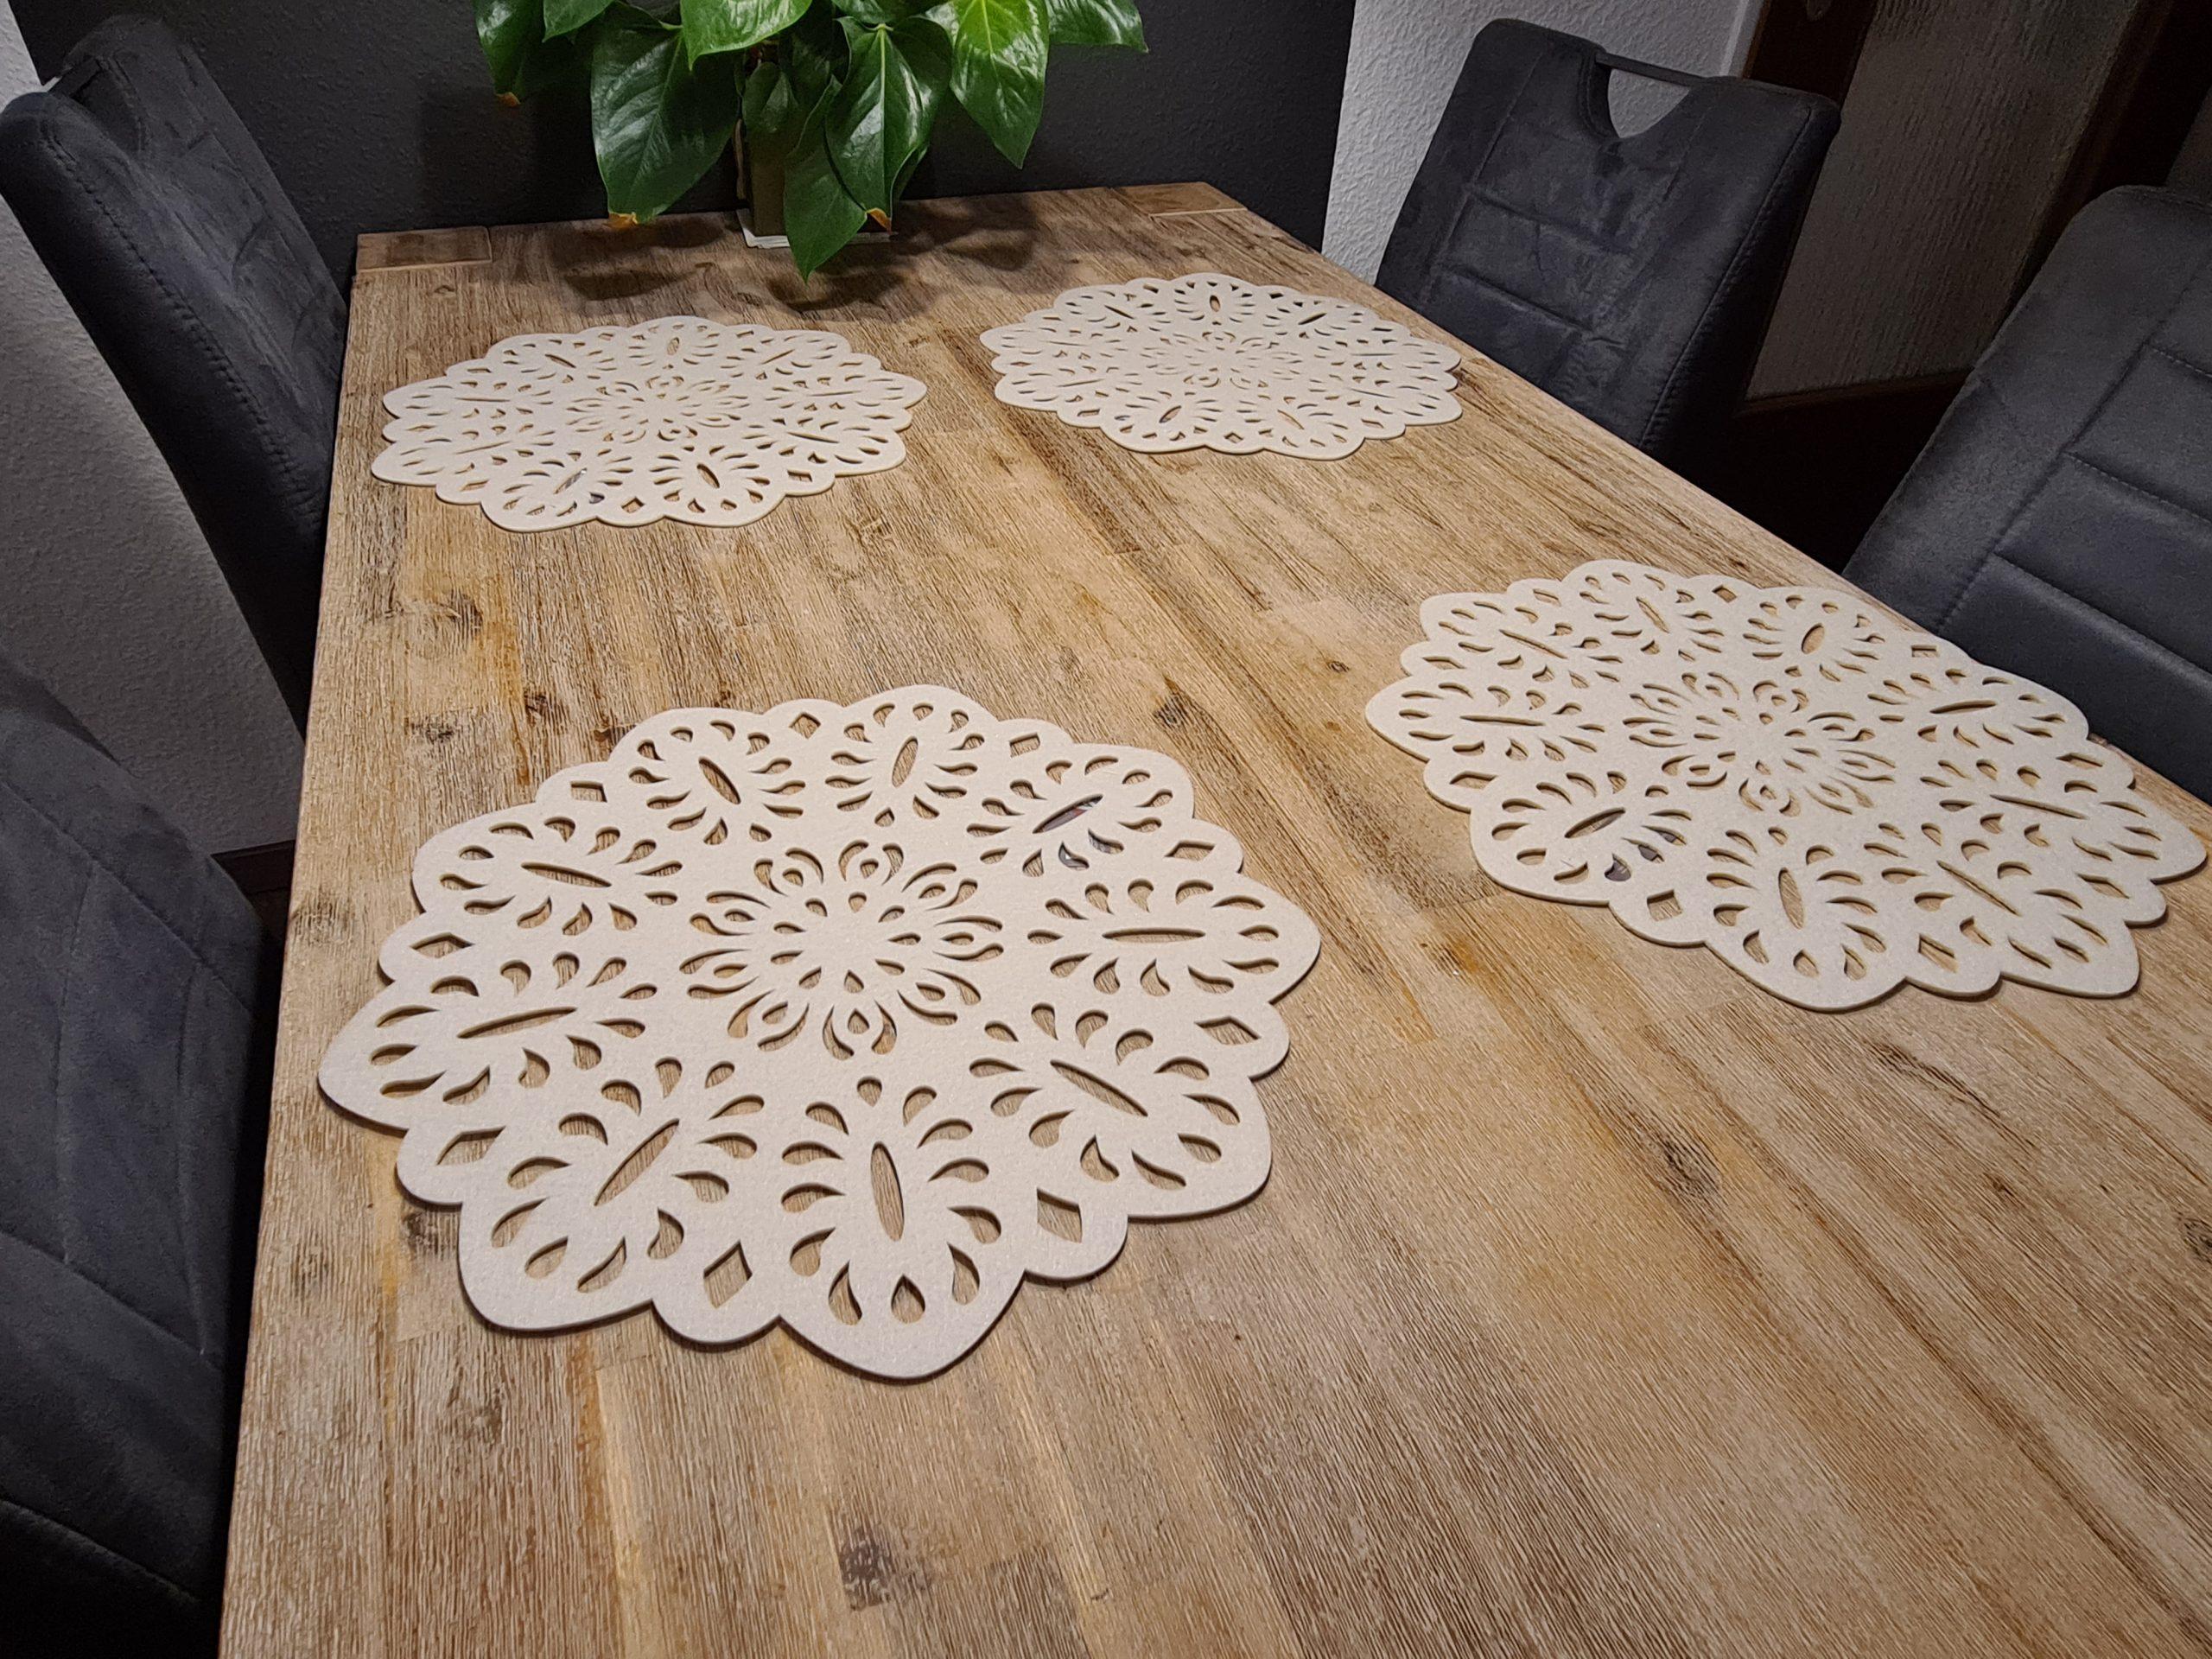 weiße Filz-Untersetzer mit Ausstanzungen auf Holztisch - Handgemachte individualisierbare Taschen, Körbe, Tischsets, Dekoartikel und mehr auf fideko.de der Onlineshop seit 2011